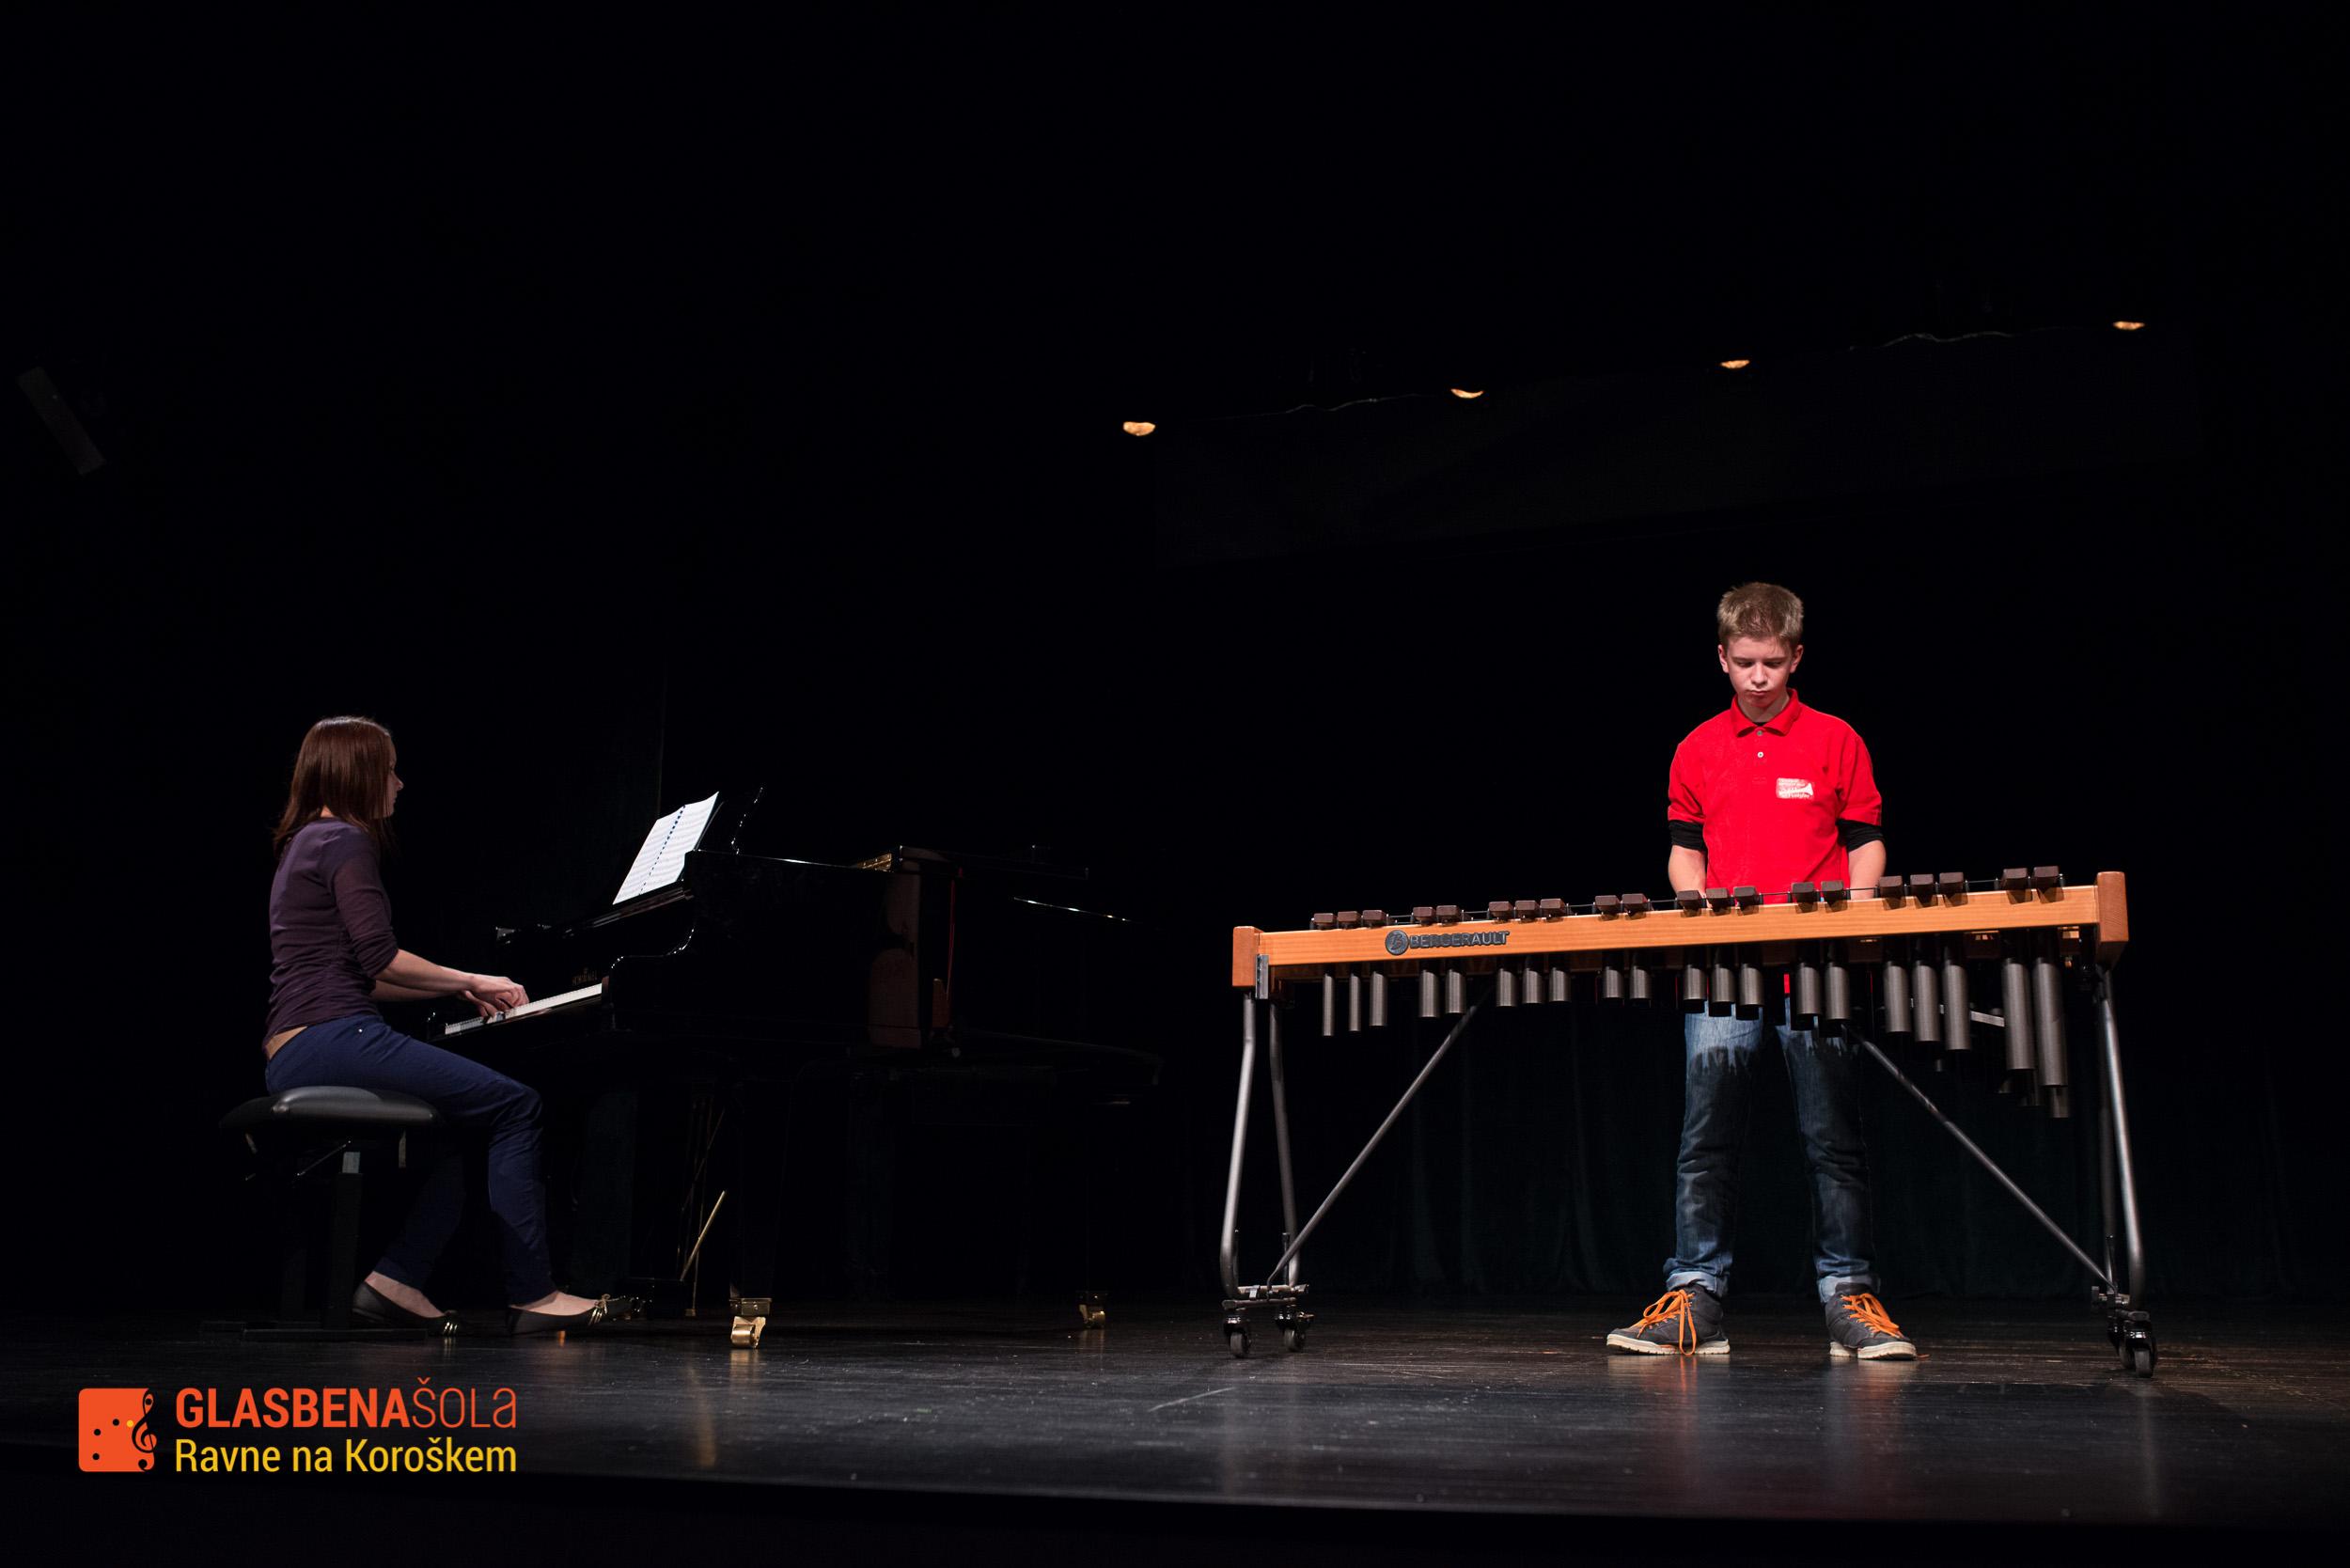 koncert-08-11-2014-9